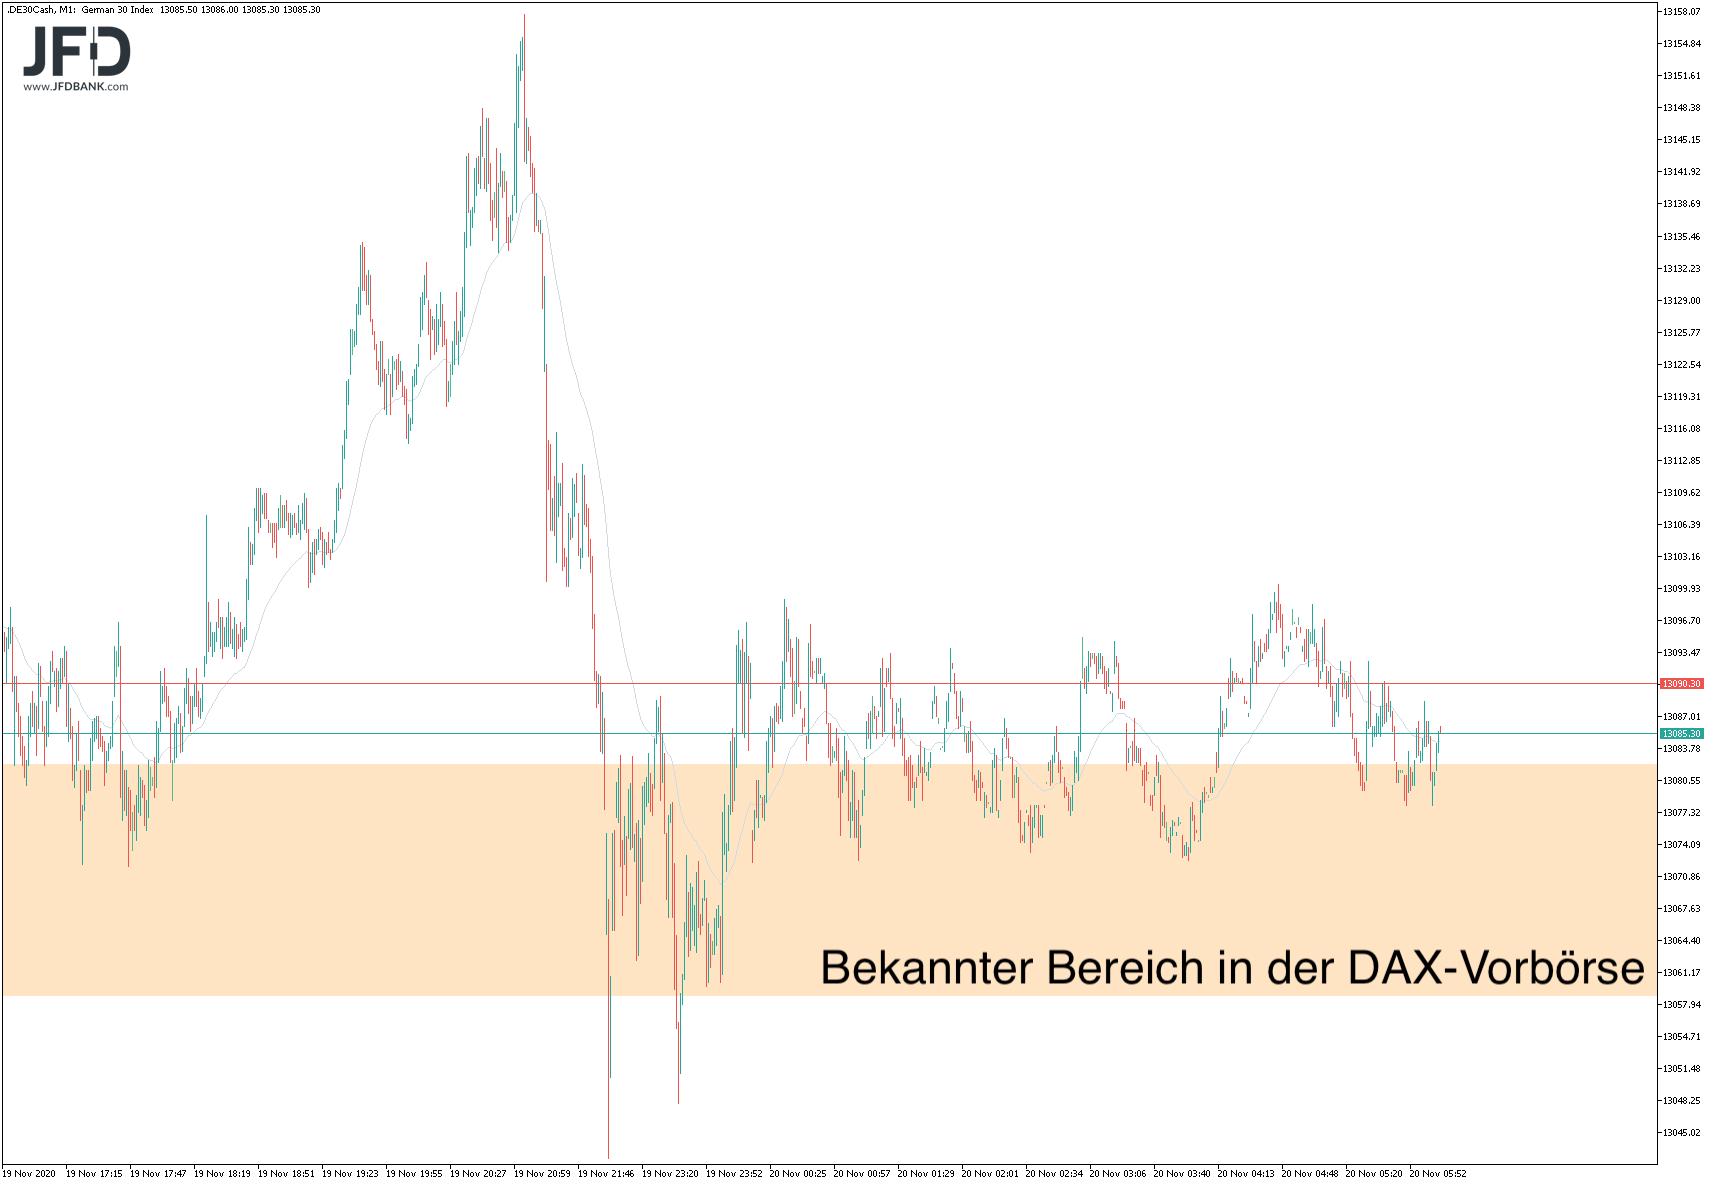 Gleiche-Voraussetzungen-um-DAX-wie-gestern-Kommentar-JFD-Bank-GodmodeTrader.de-6